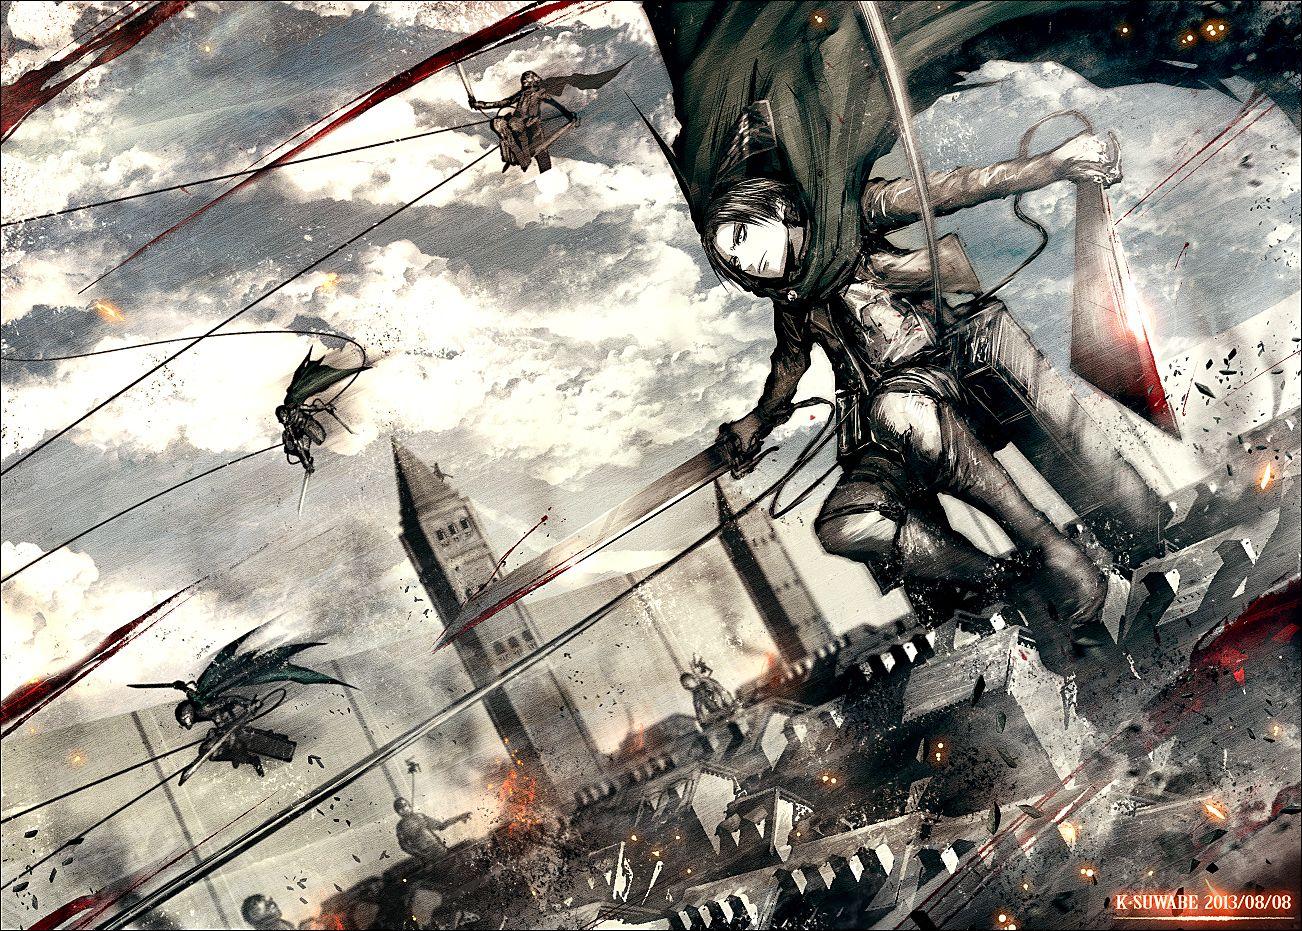 進撃の巨人 リヴァイ兵長 ケースワベ K Suwabe のイラスト